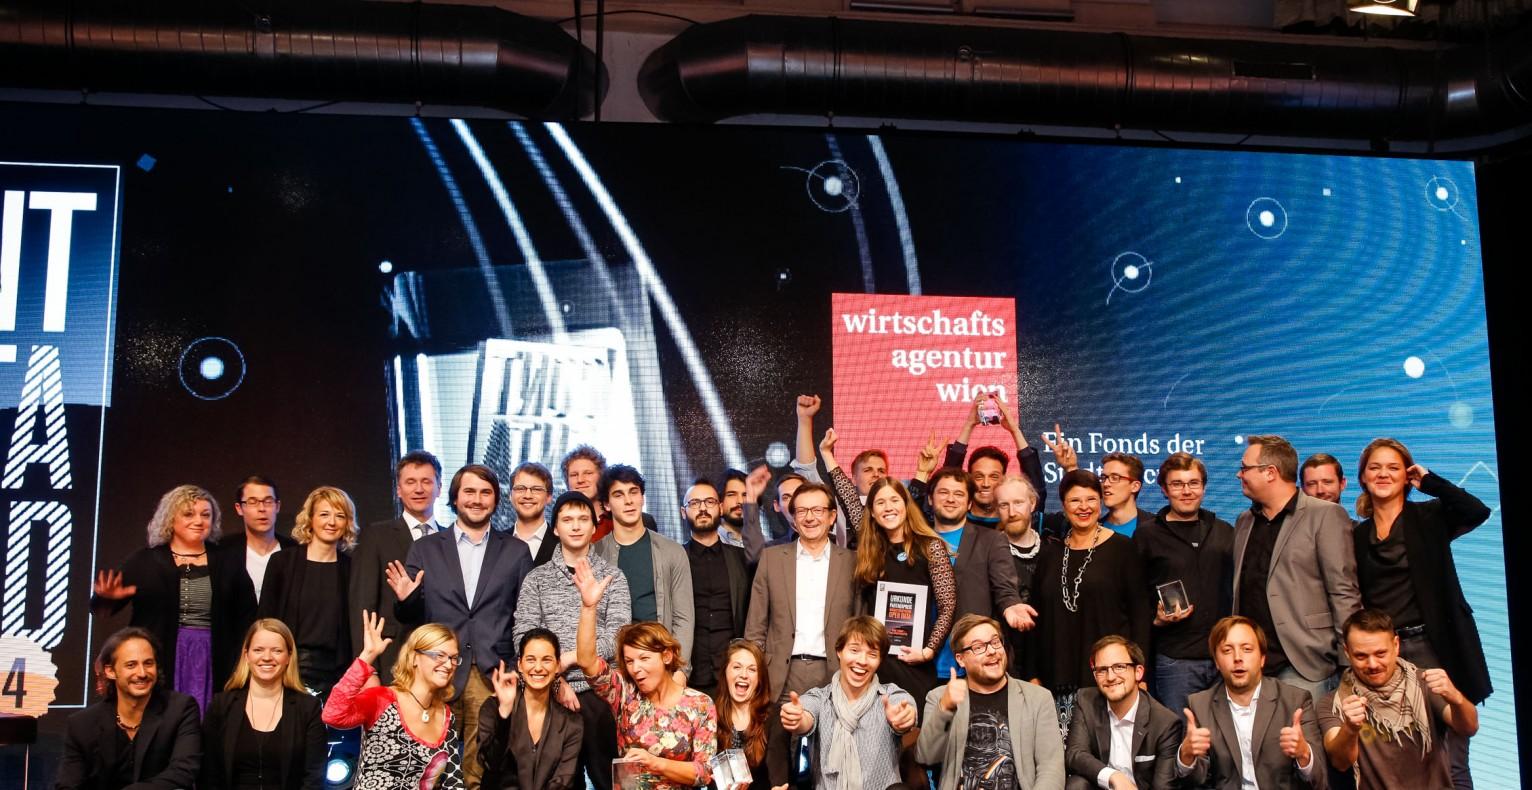 (c) Wirtschaftsagentur. Die Content-Award-Sieger des Vorjahres